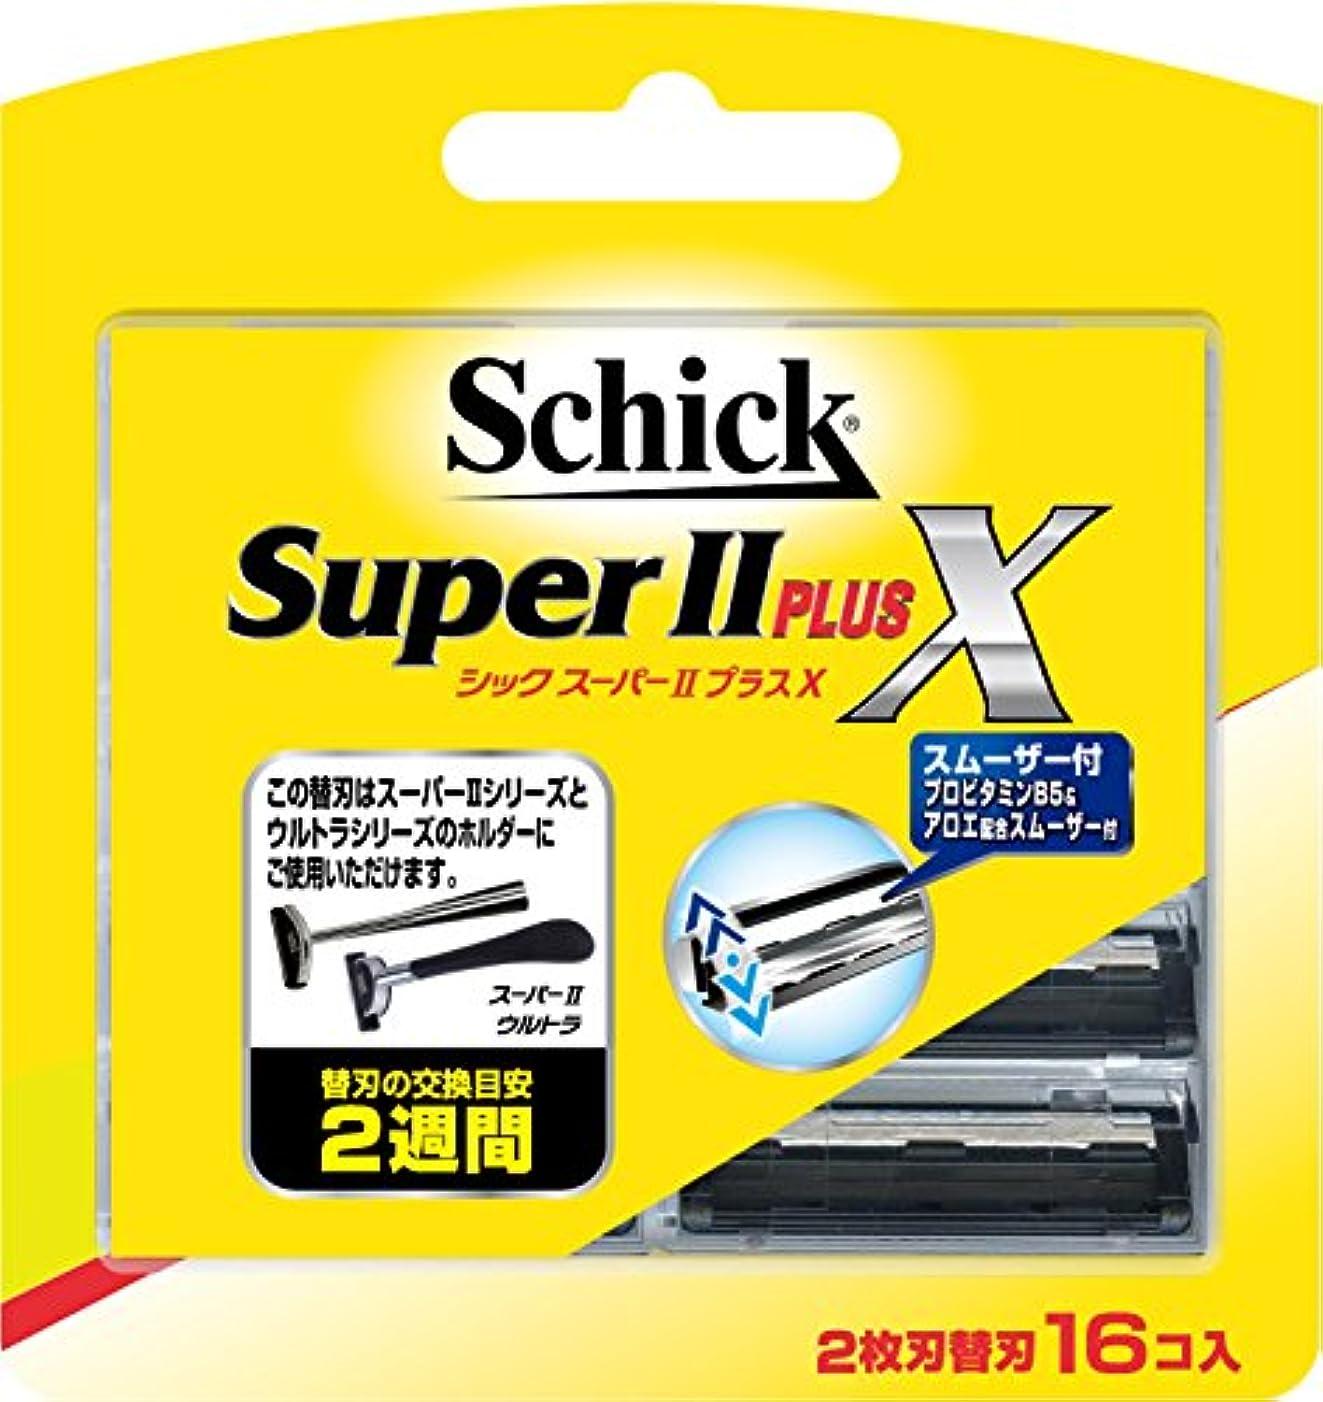 天歩くプレゼントシック Schick スーパーIIプラスX 2枚刃 替刃 (16コ入)